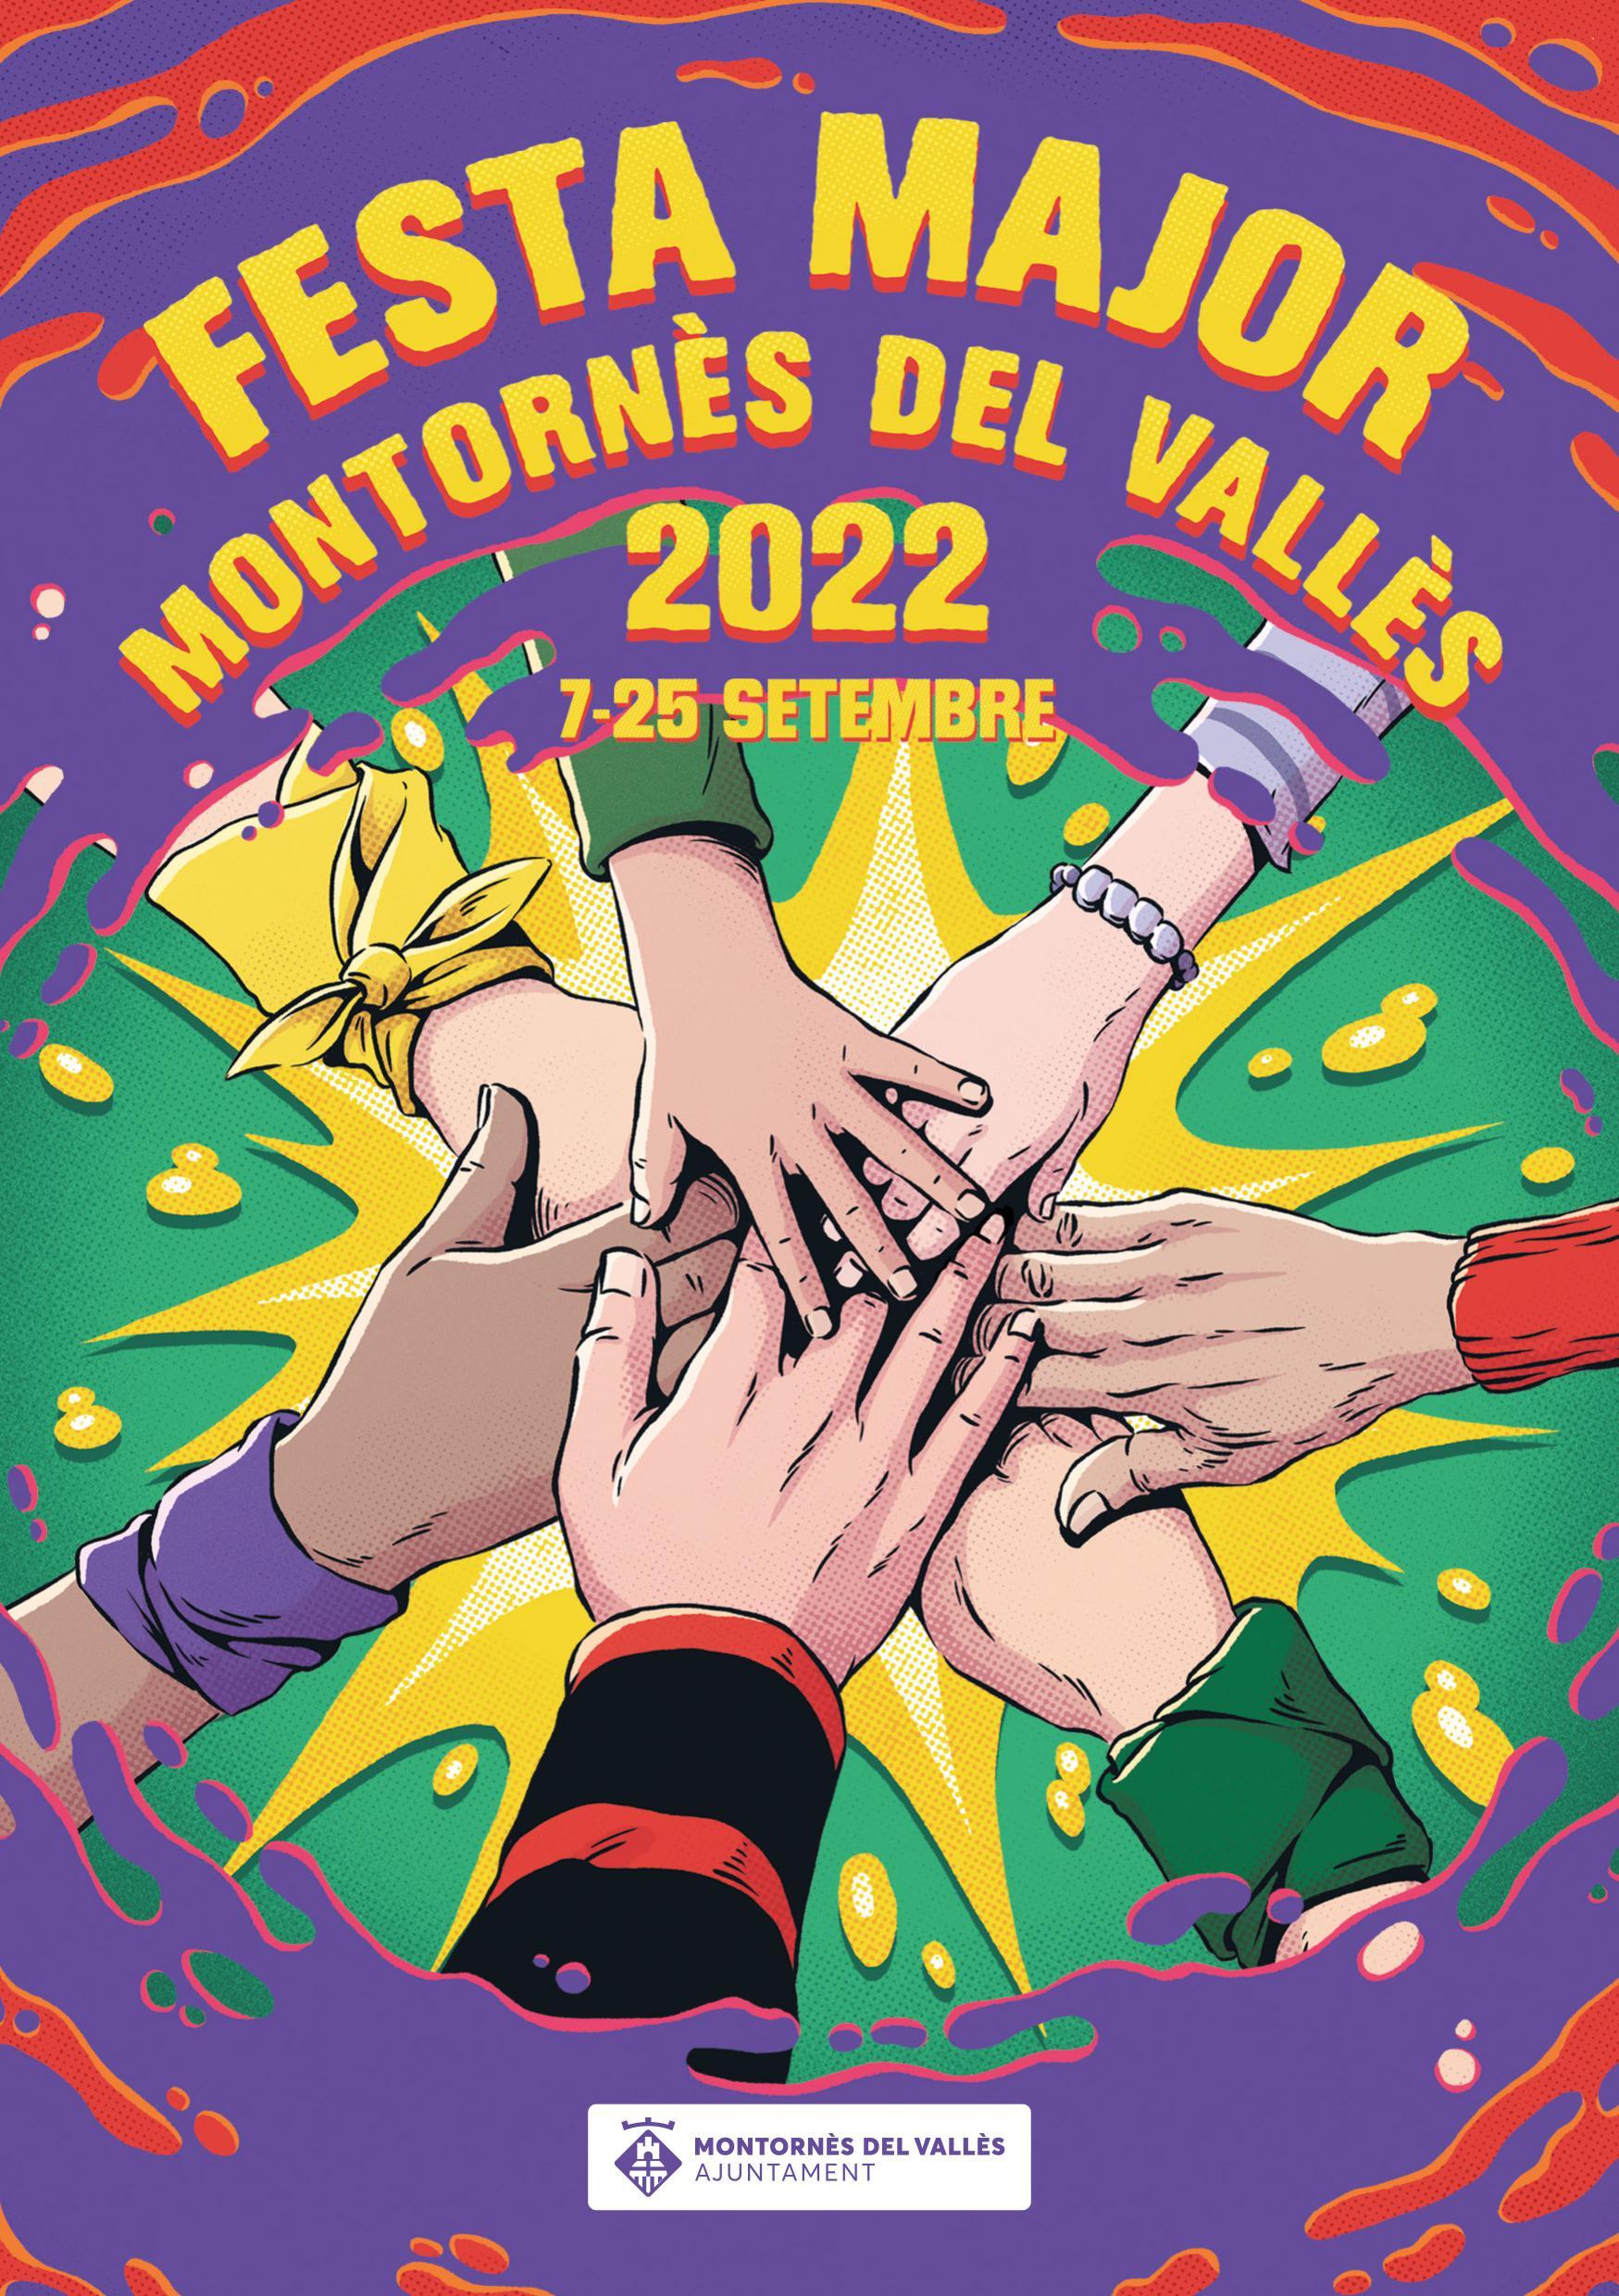 Festa Major De Montornes Del Valles Programa De Fiestas